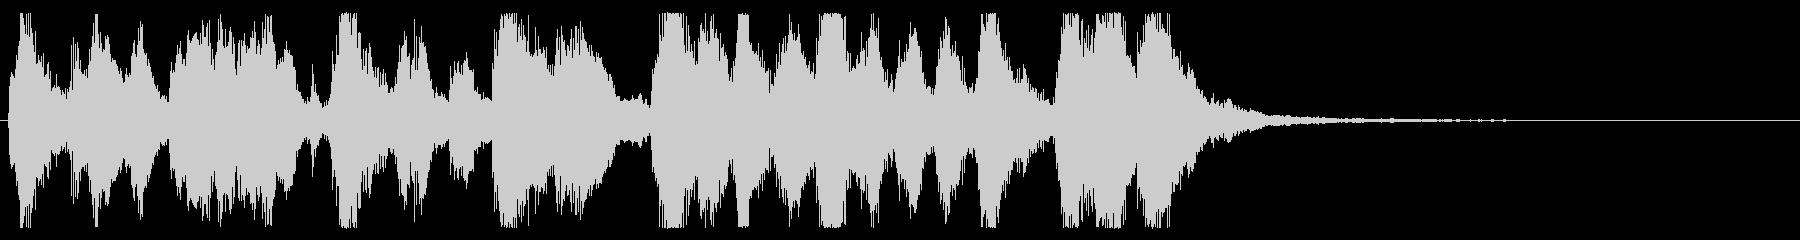 【パーティー開幕2】の未再生の波形